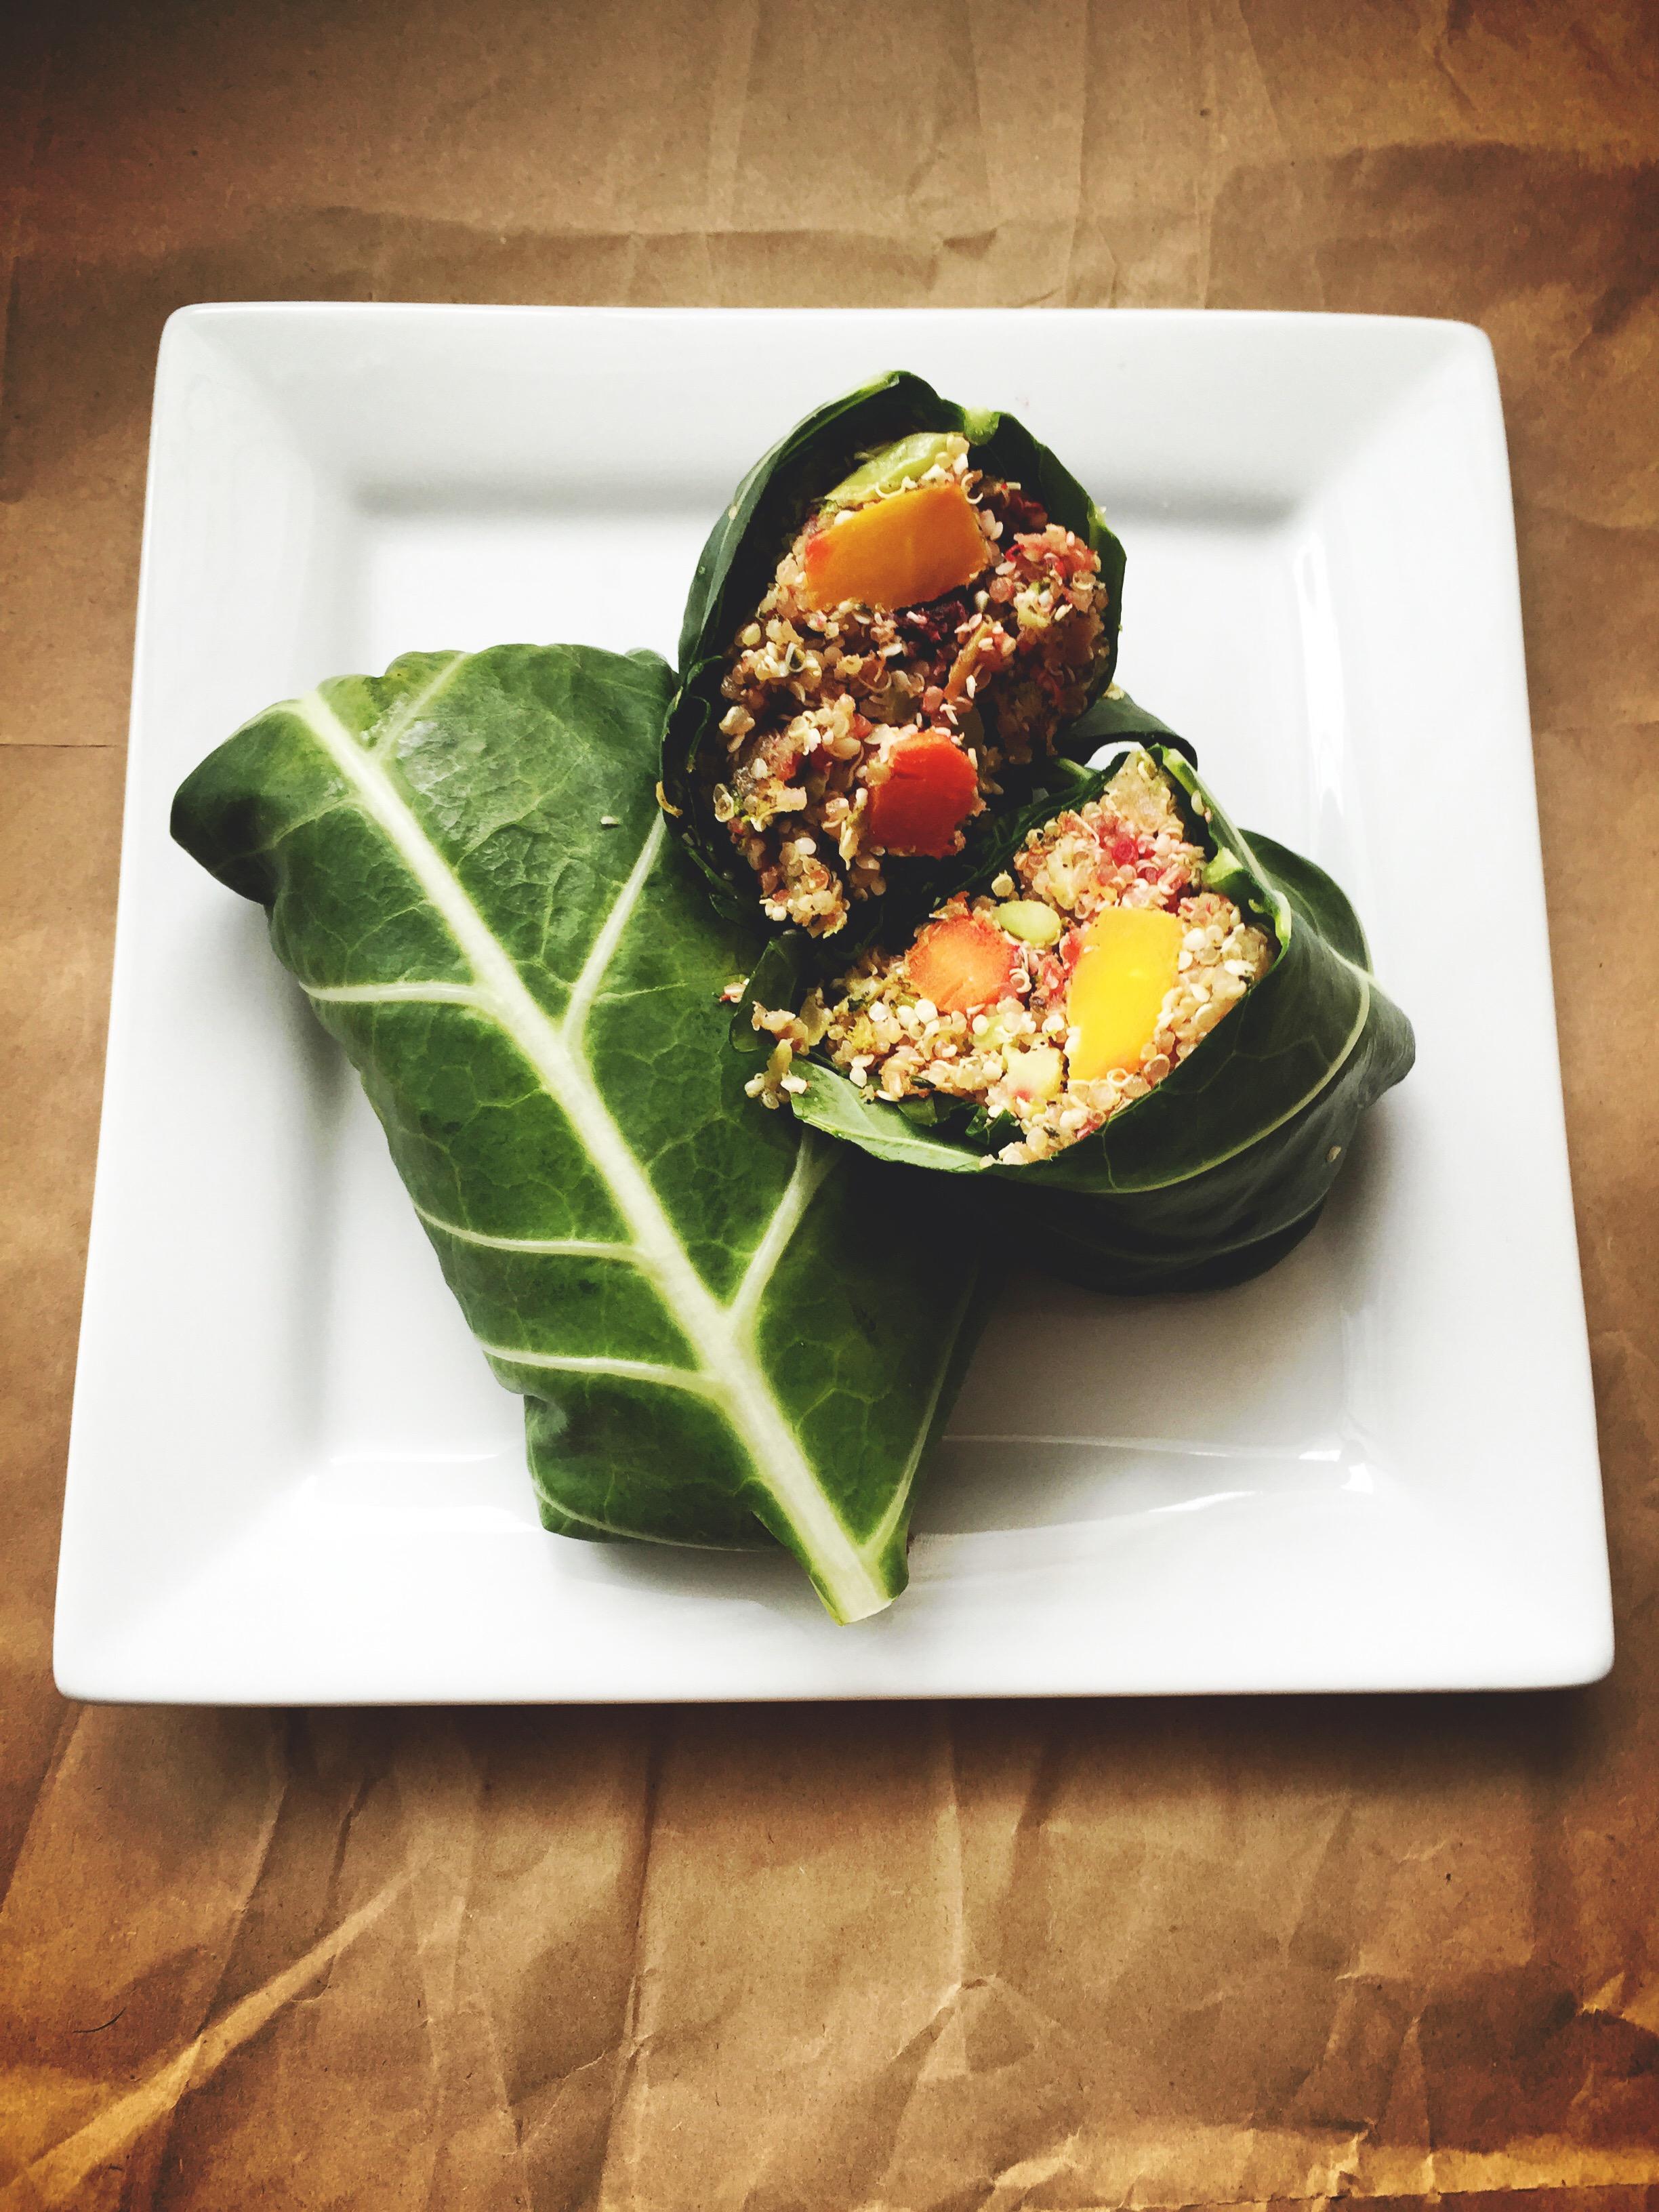 BroccoLeaf Wrap | YES! Nutrition, LLC